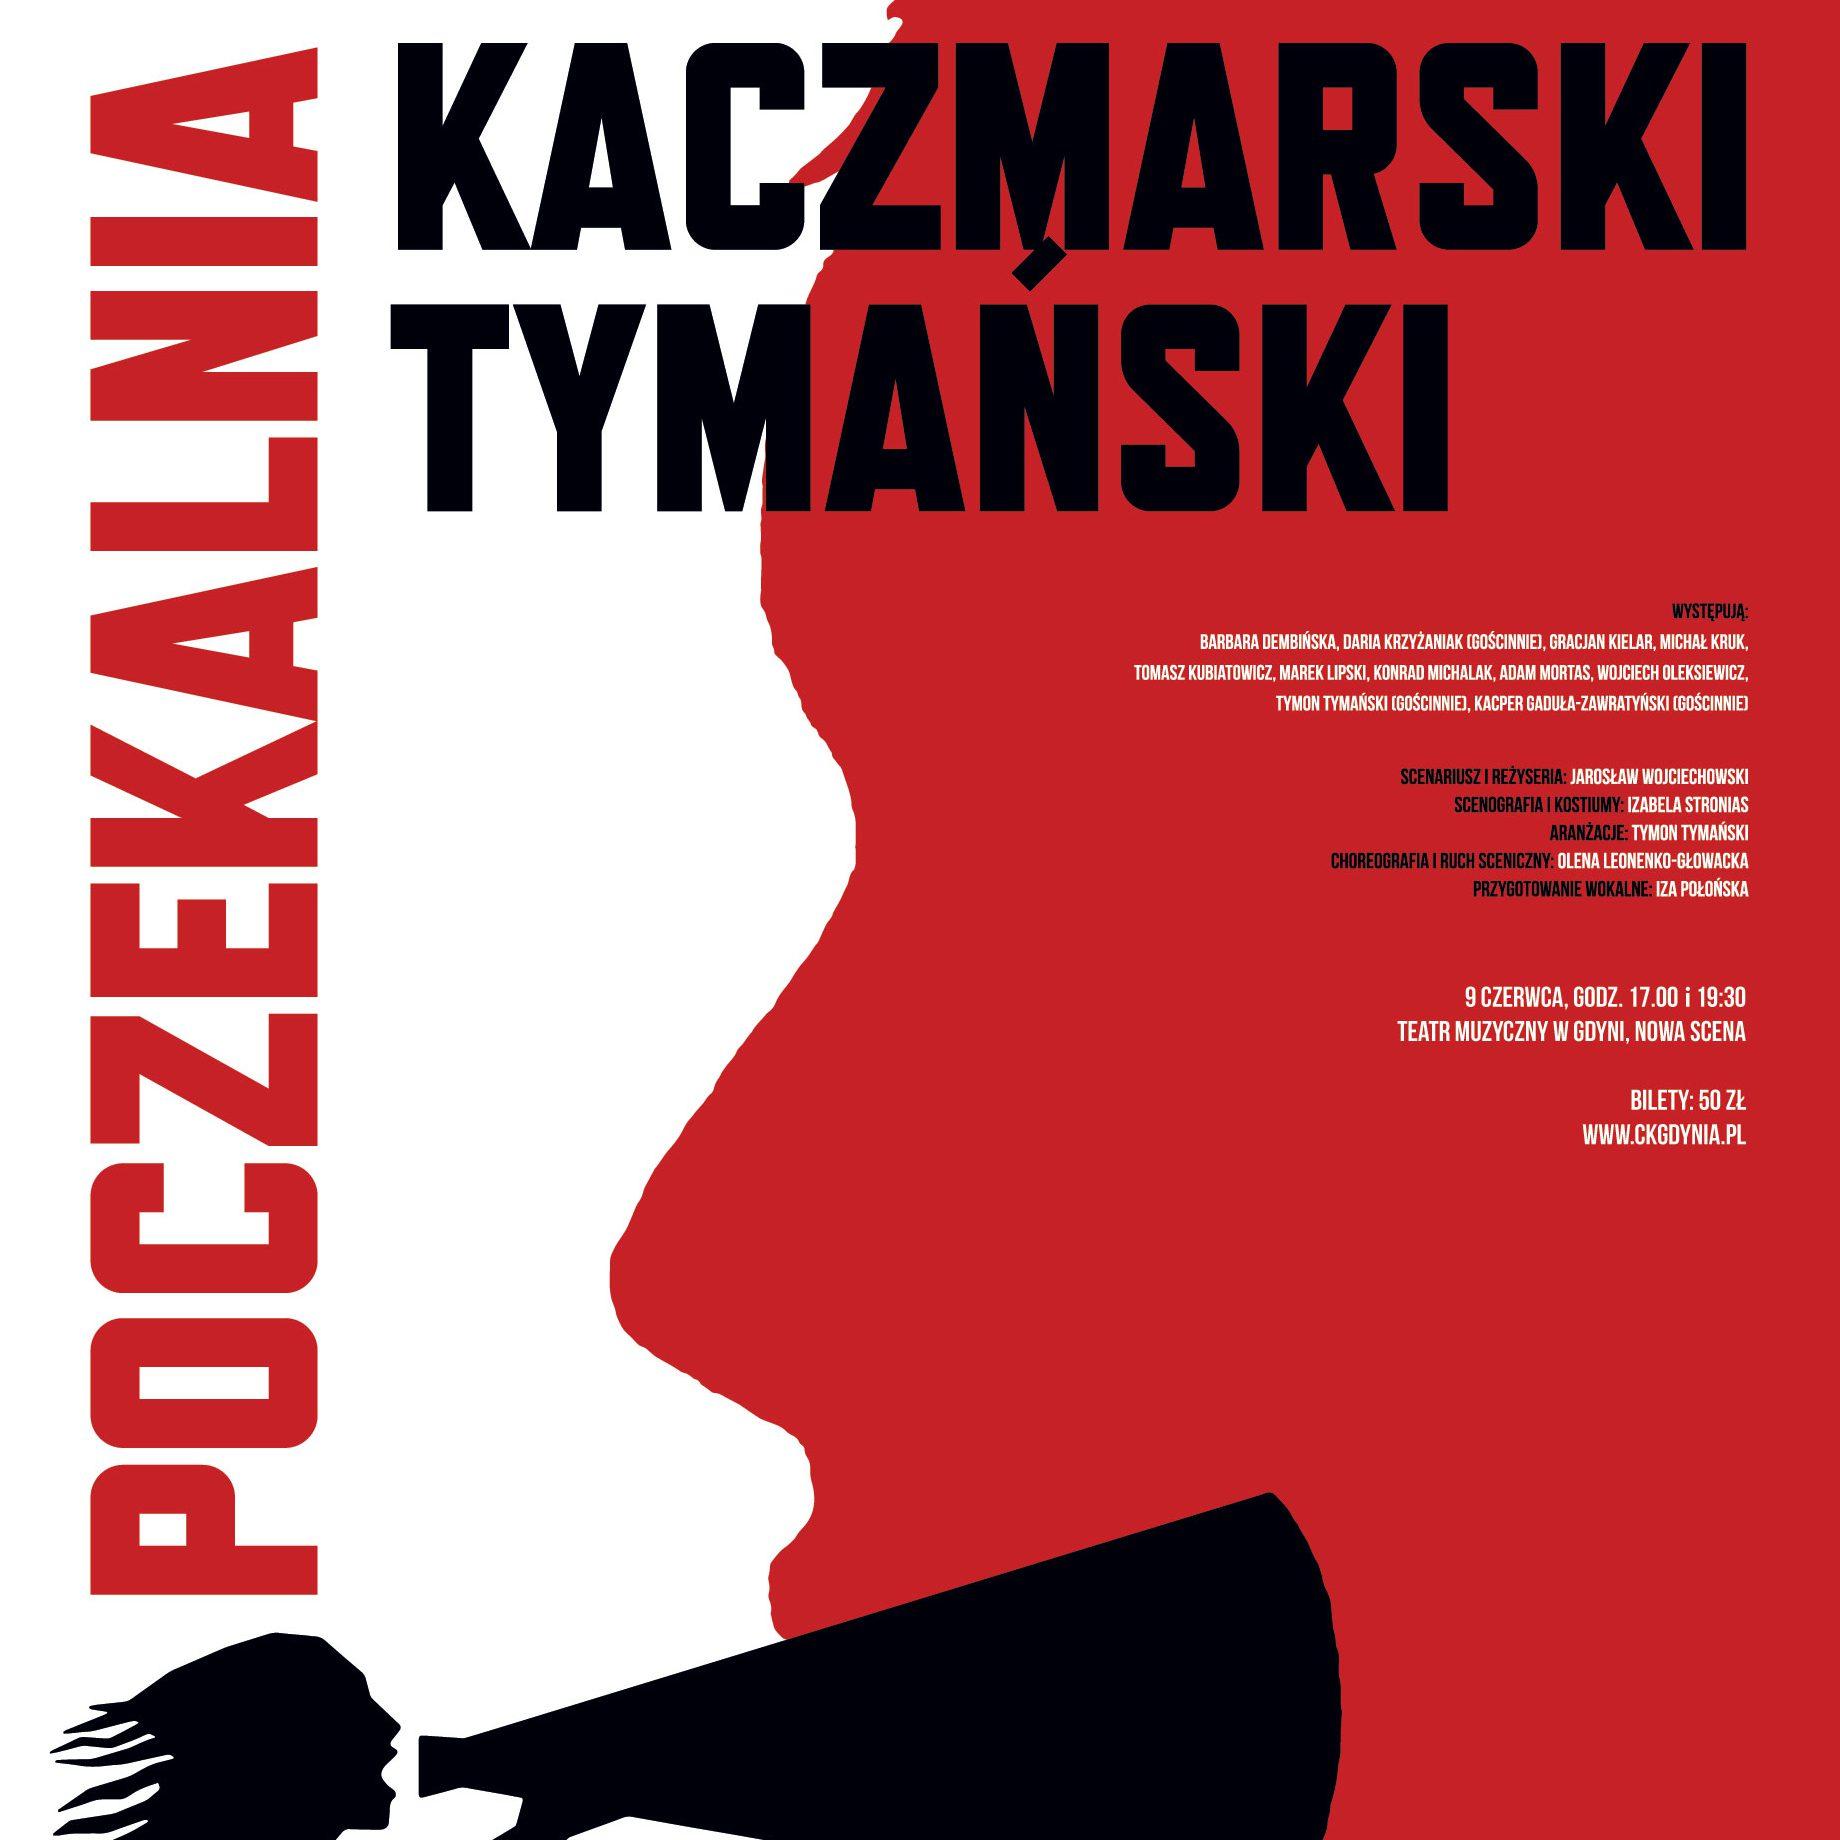 Kaczmarski Encore Festival – Poczekalnia. Kaczmarski/ Tymański